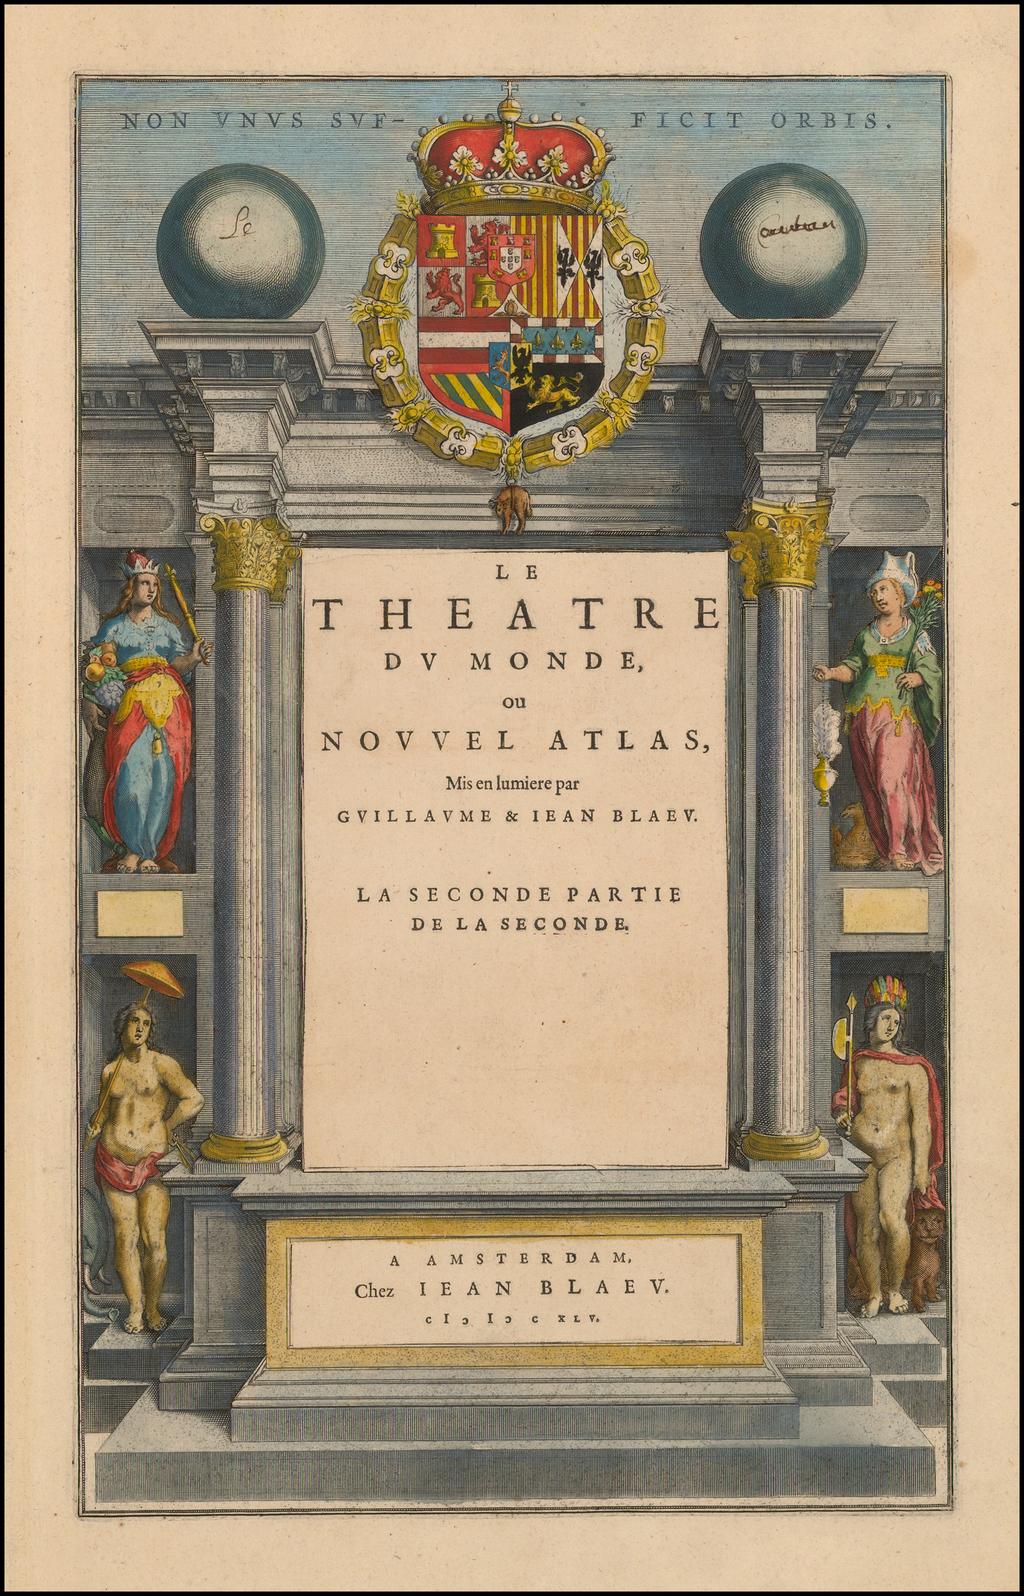 [Title Page] Toonneel Des Aerdrycx, oft Nieuwe Atlas, uytgegeven door Wilhelm en Johan Blaeu By Willem Janszoon Blaeu